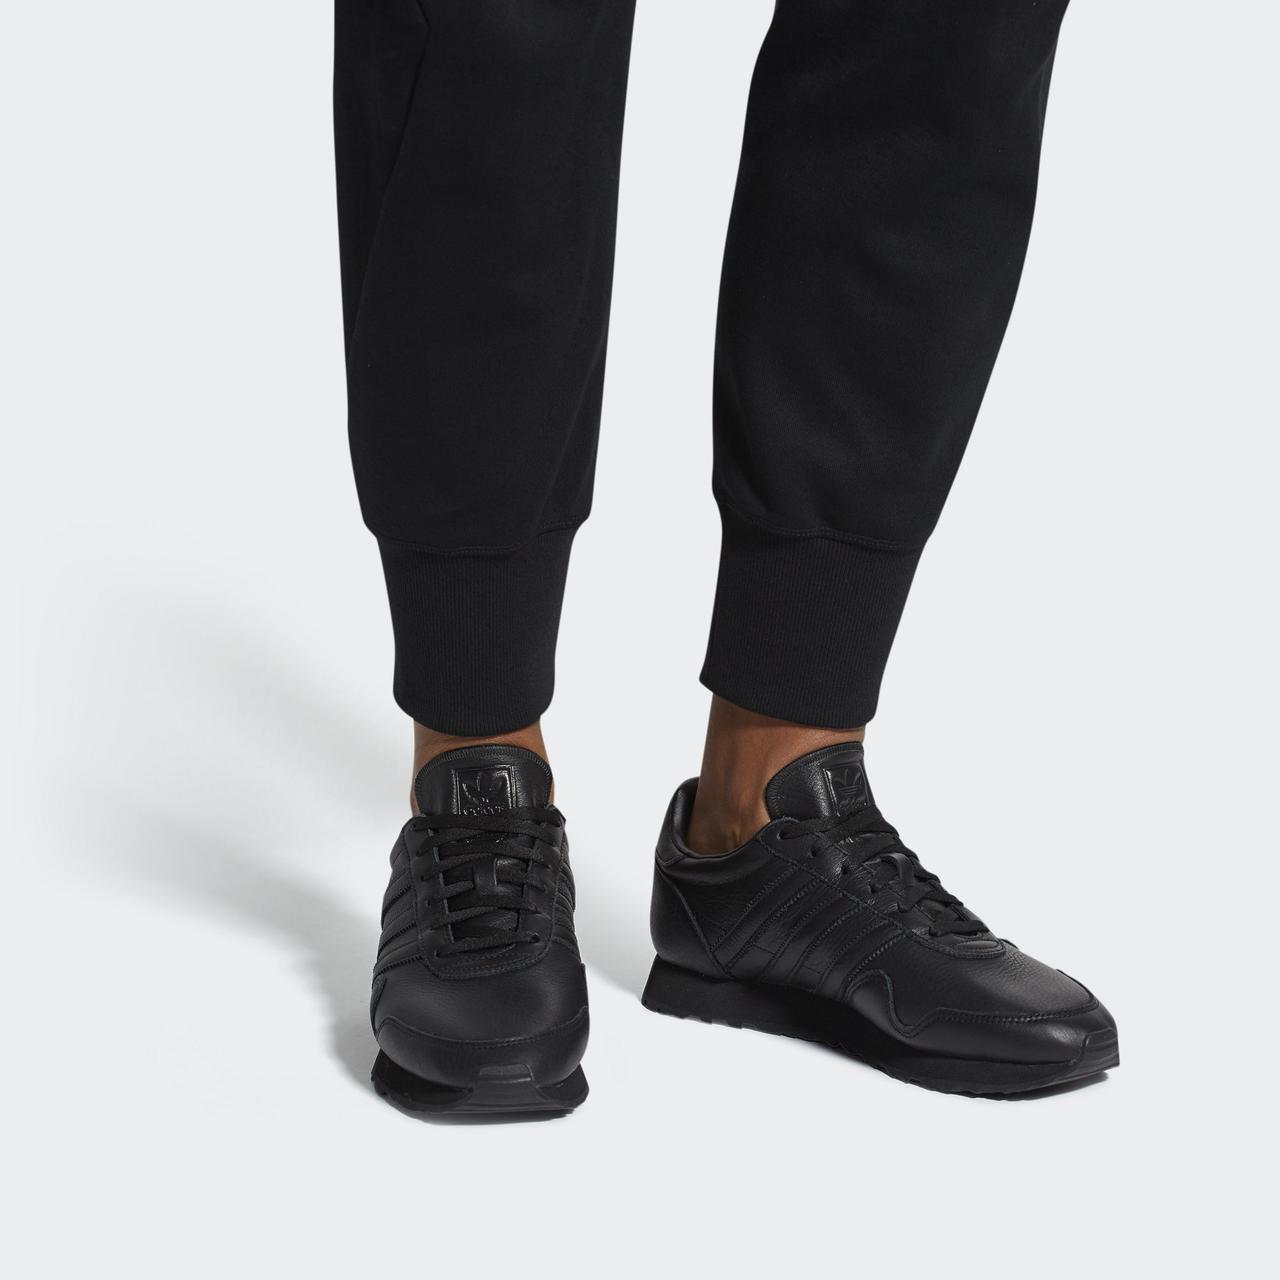 Повседневные кожаные кроссовки Adidas Originals Haven CQ3036 - 2018 ... 97738602ee2ce